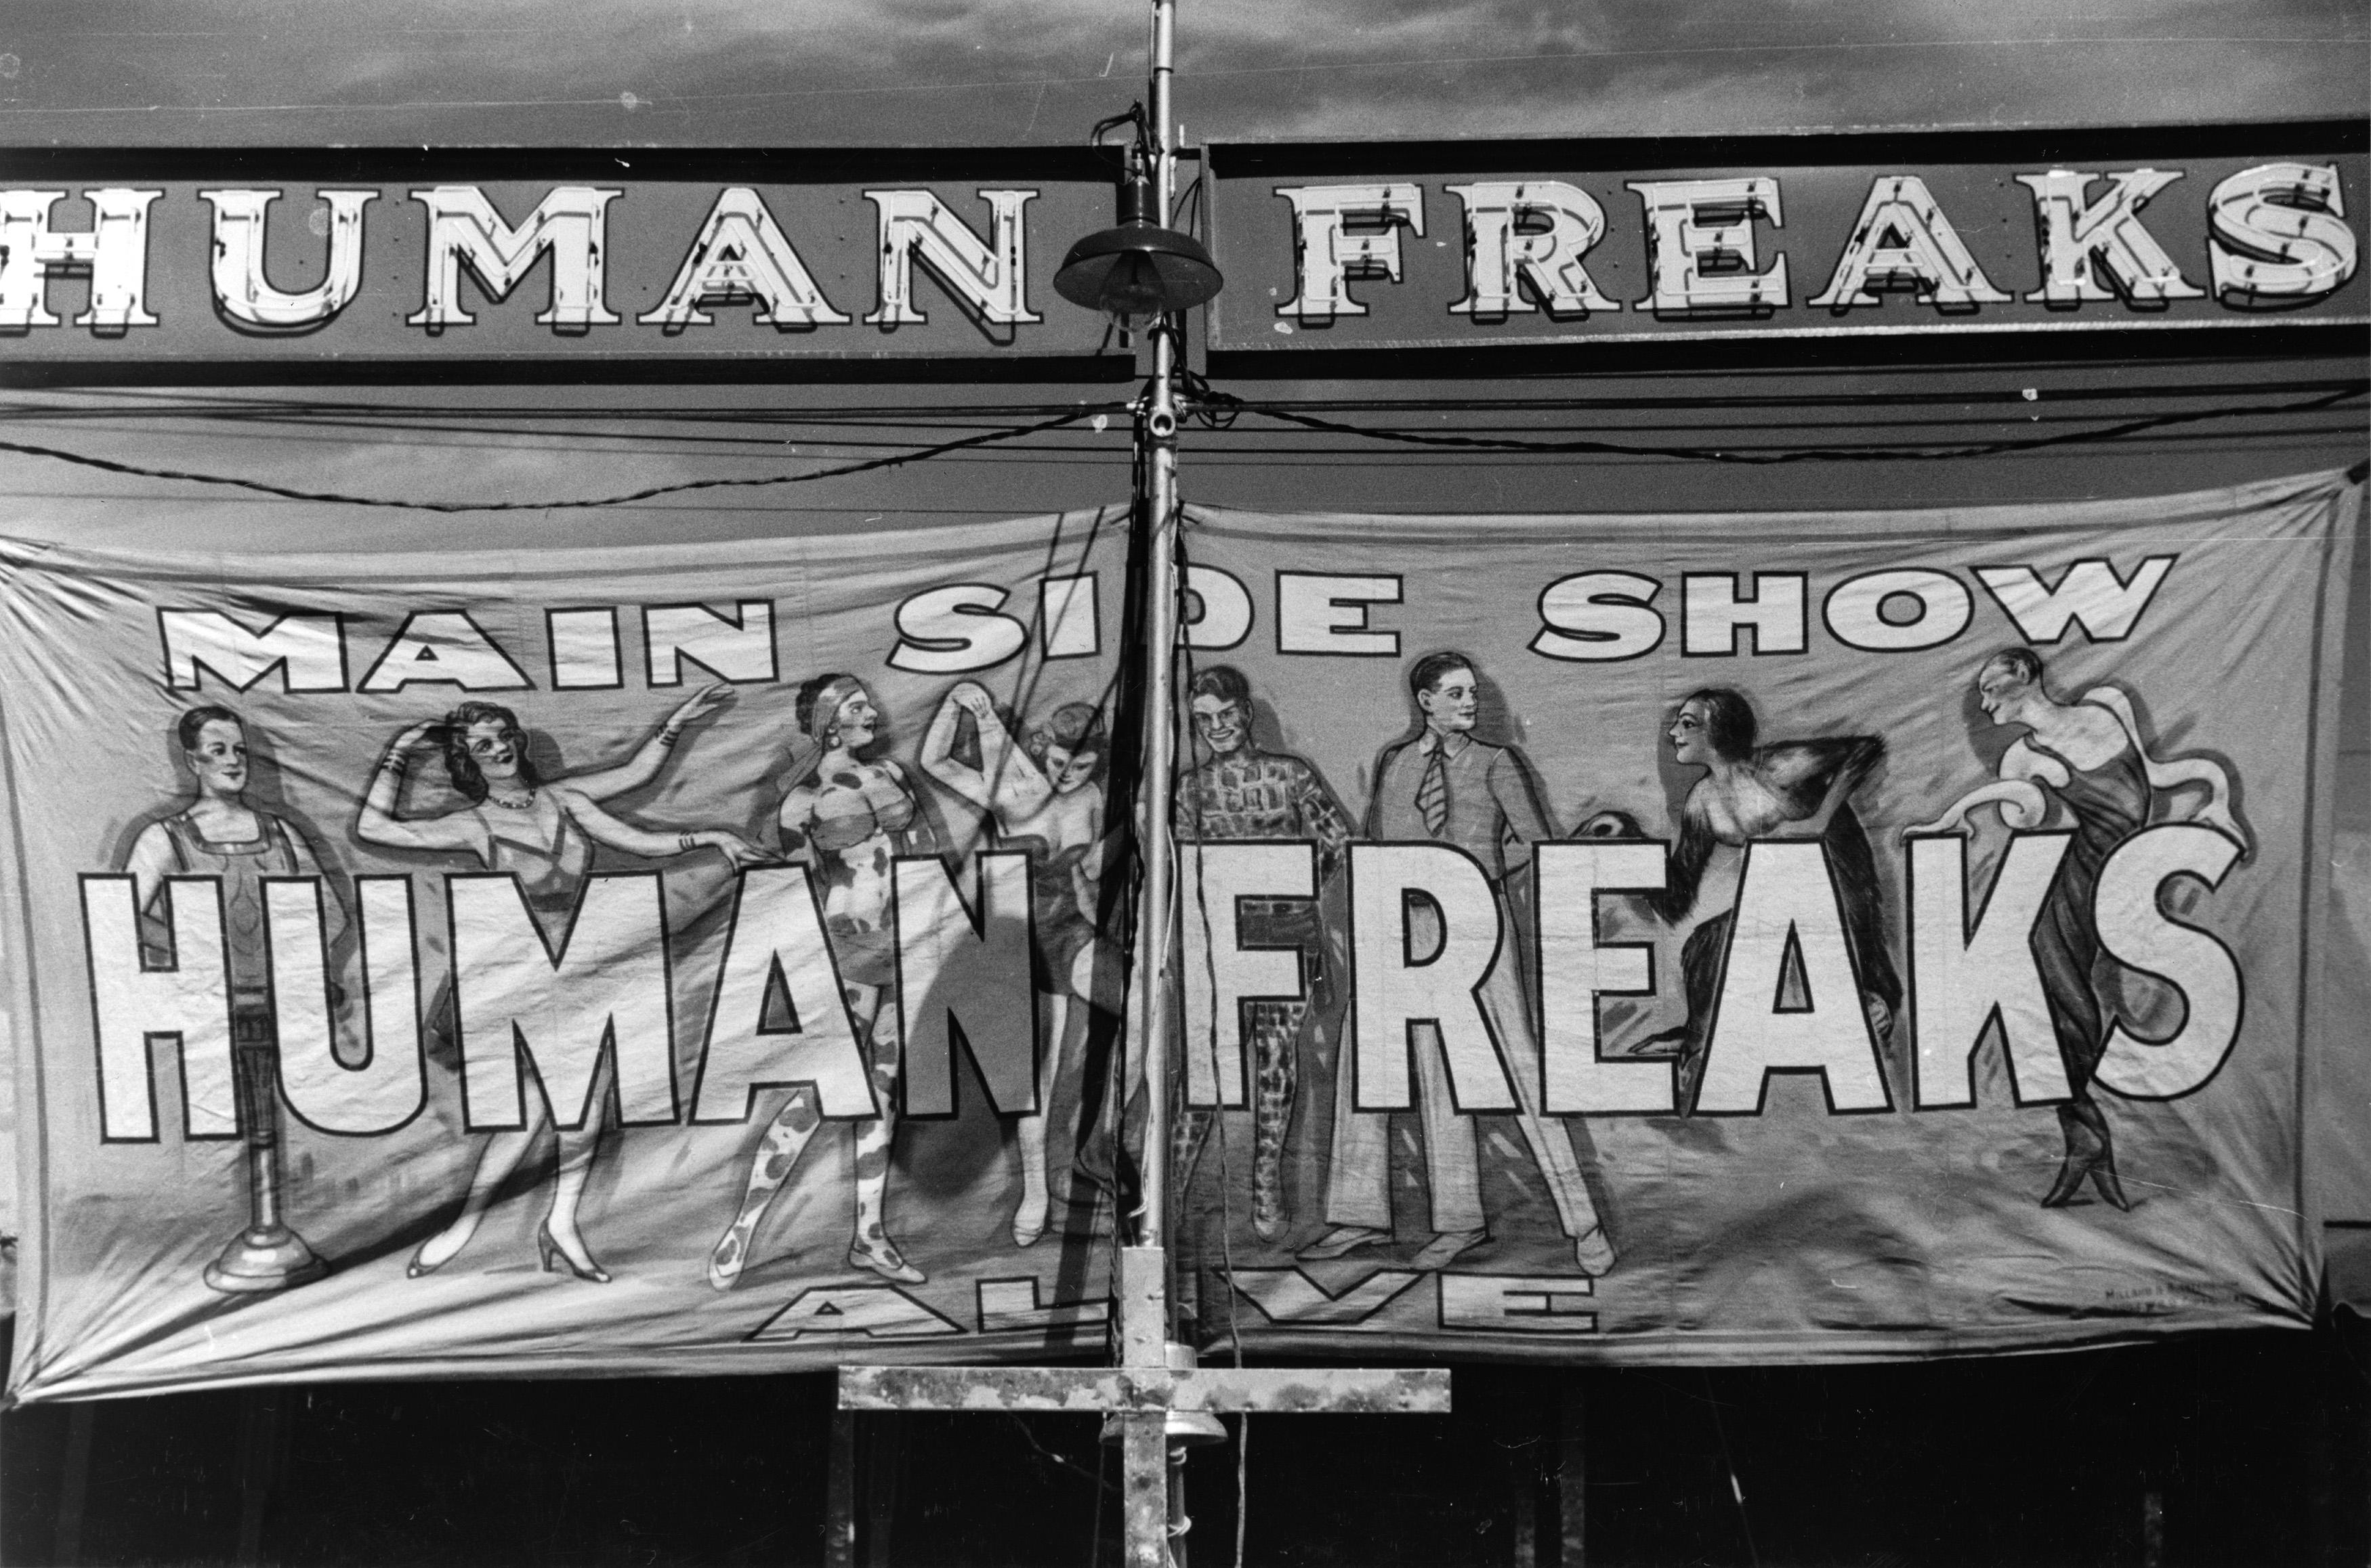 human-freaks-banner.jpg